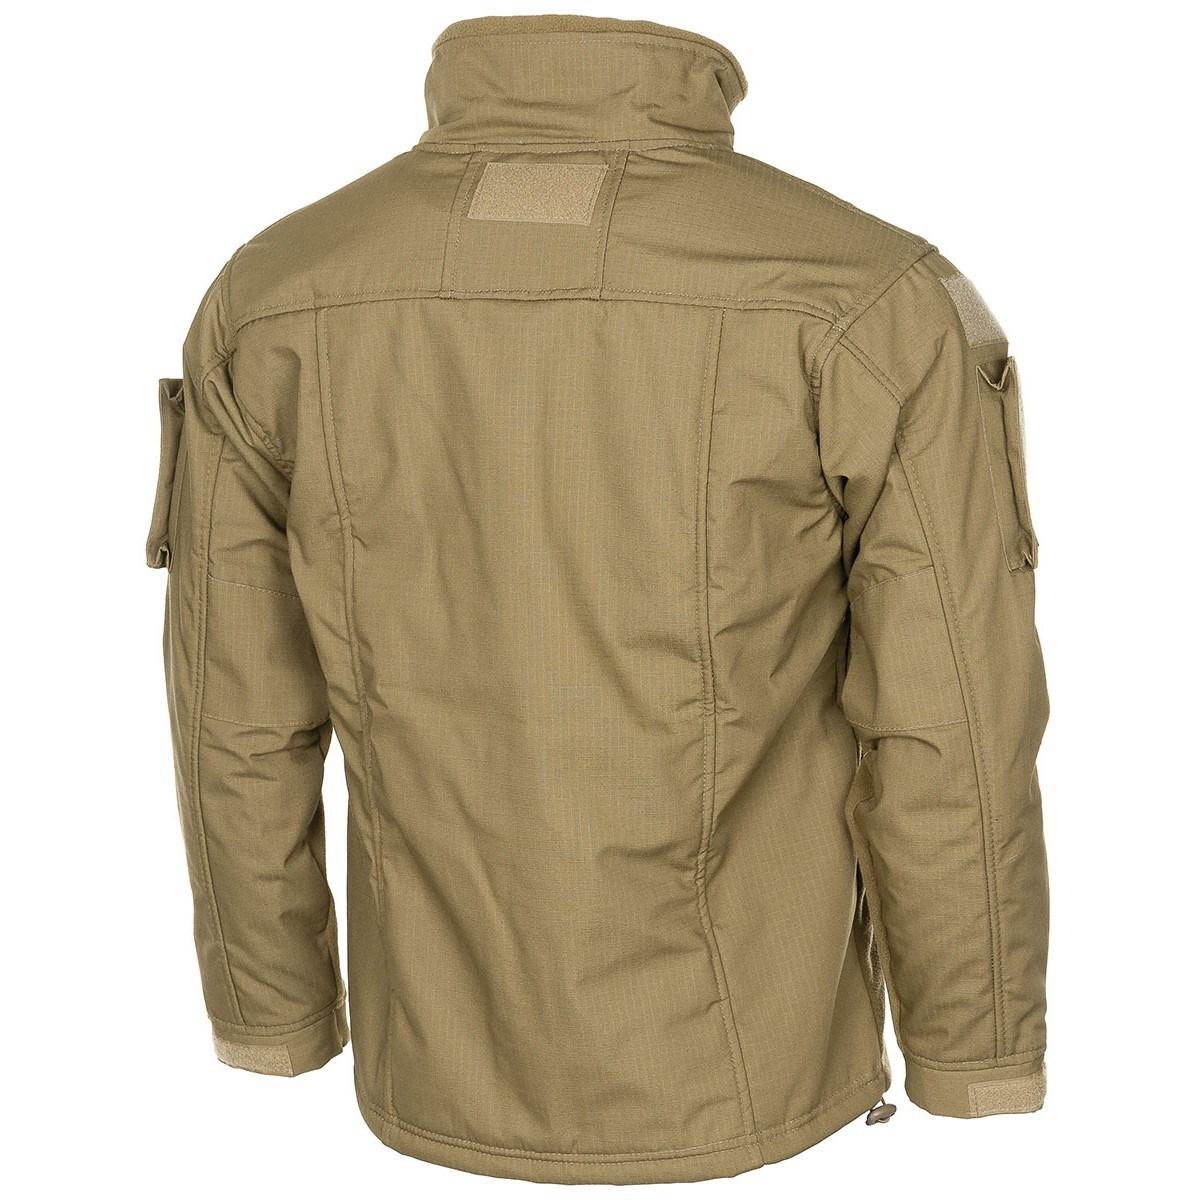 Tactical fleece jacket COMBAT COYOTE MFH Defence 03811R L-11